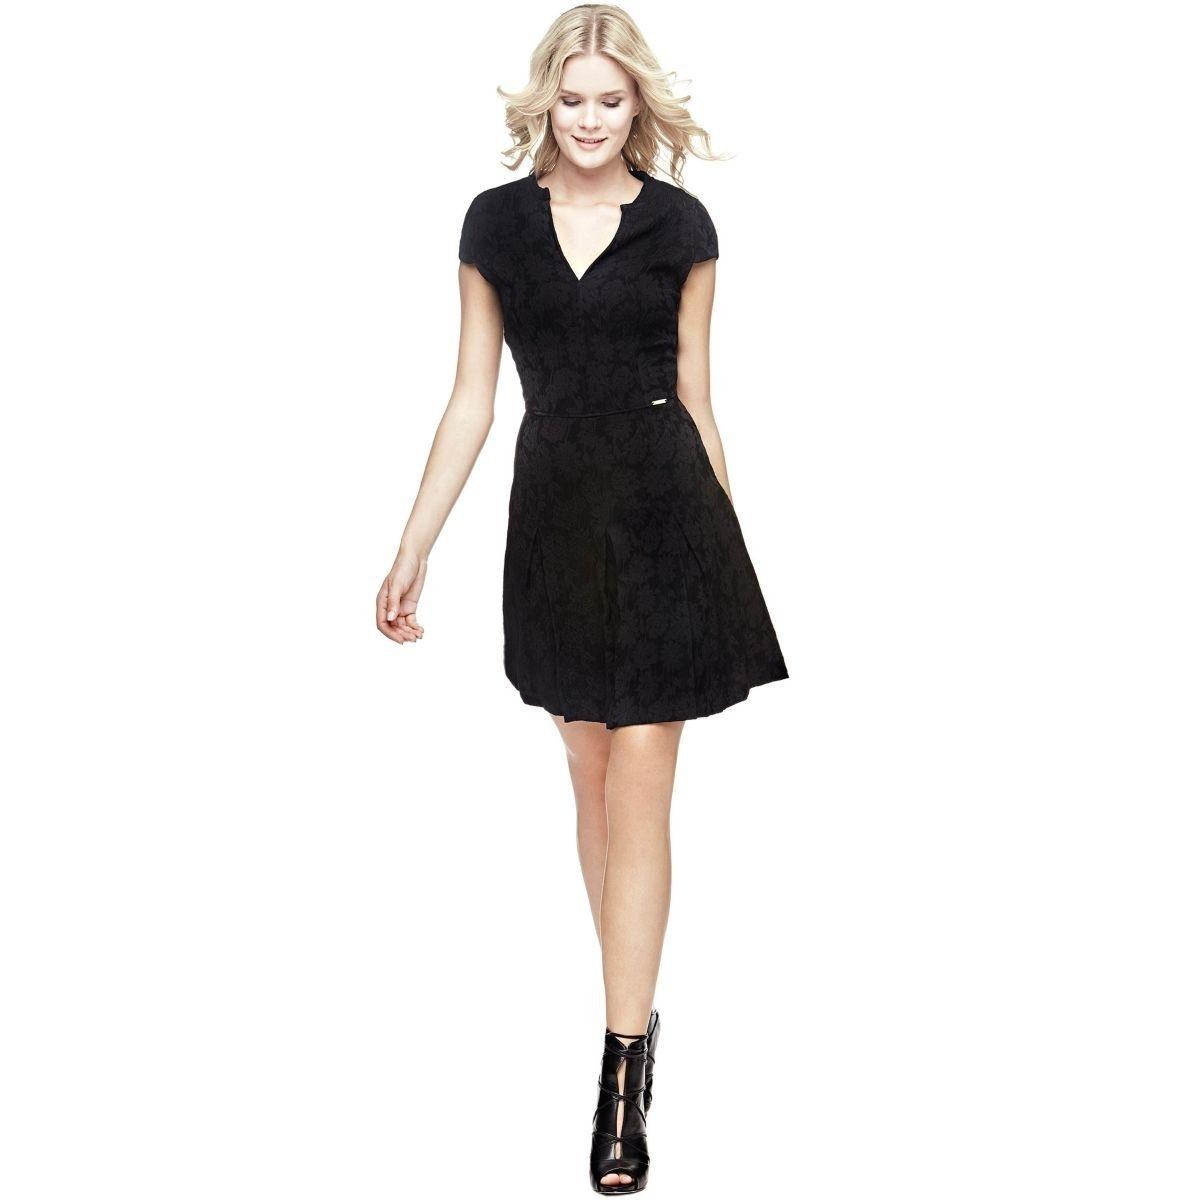 20 Schön Damen Kleider Schwarz GalerieDesigner Wunderbar Damen Kleider Schwarz Vertrieb